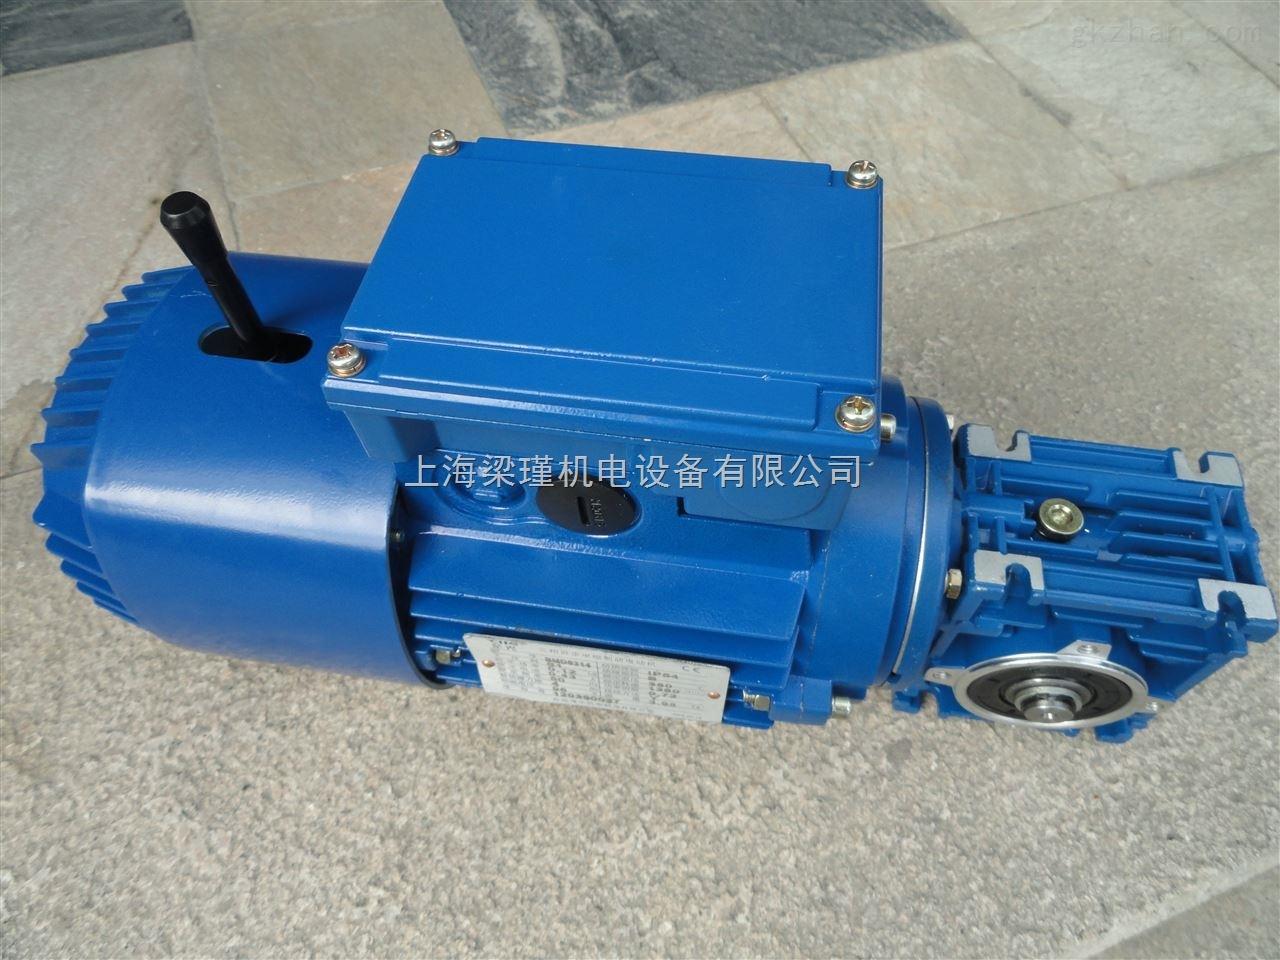 紫光BMA制动器-紫光成套刹车器批发